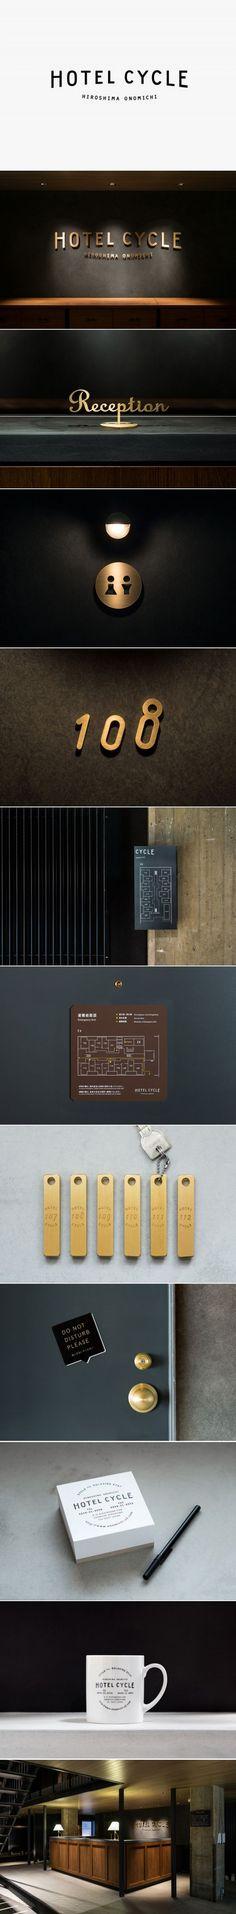 Logotype and interior signage designed by UMA for U2's Onomichi based Hotel Cycle